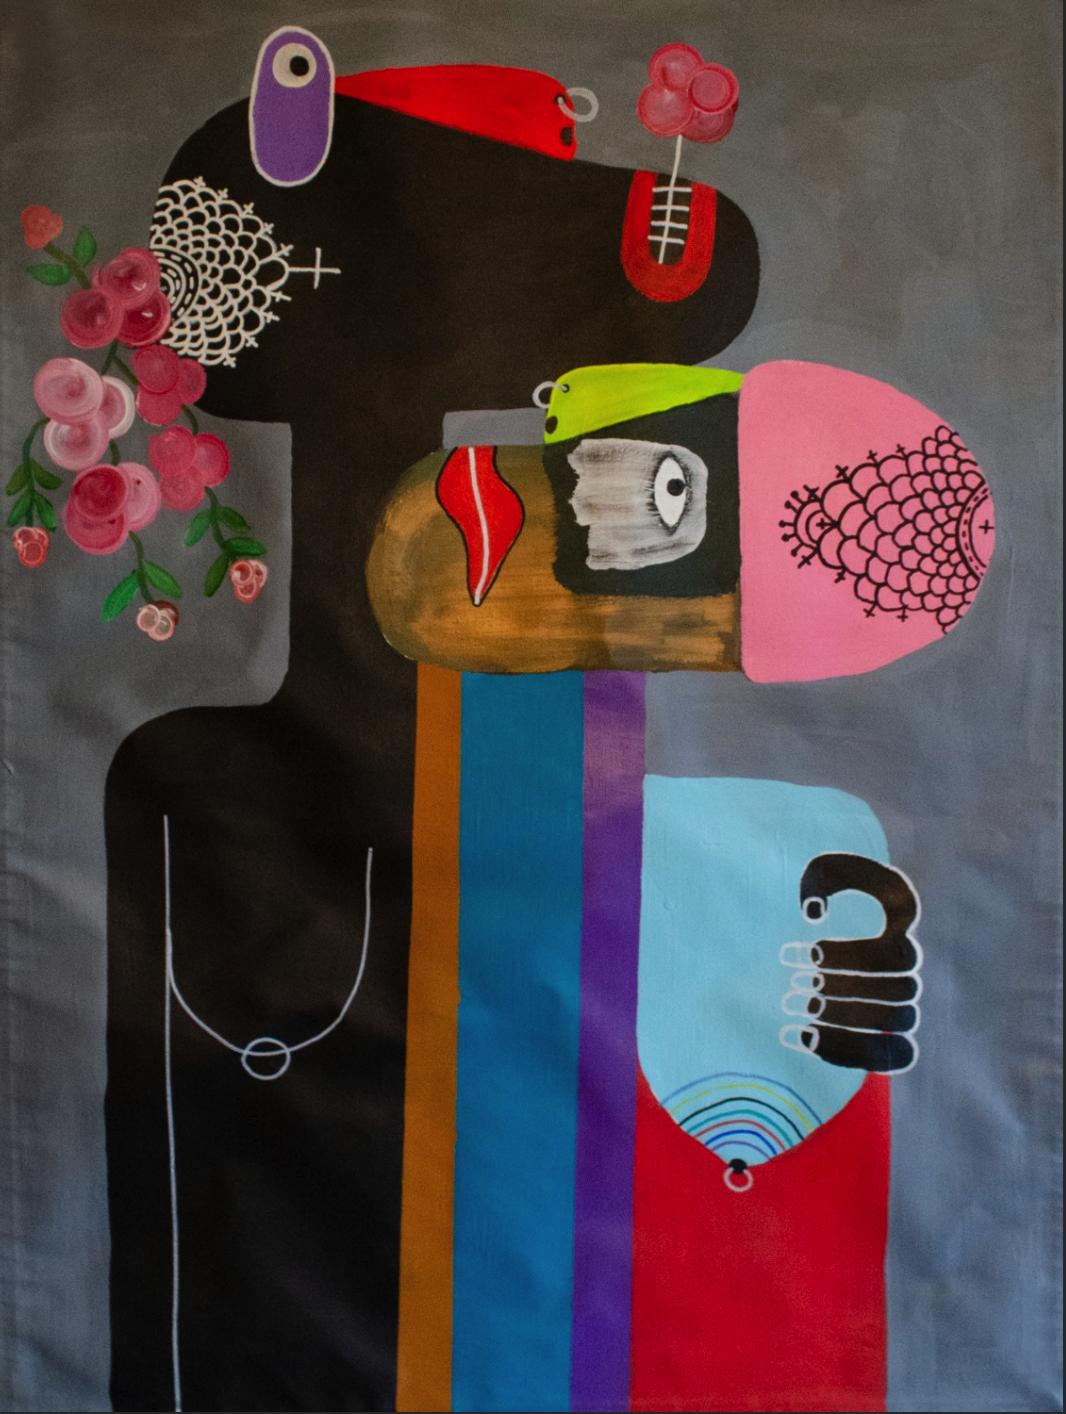 Artwork by Kojo Marfo